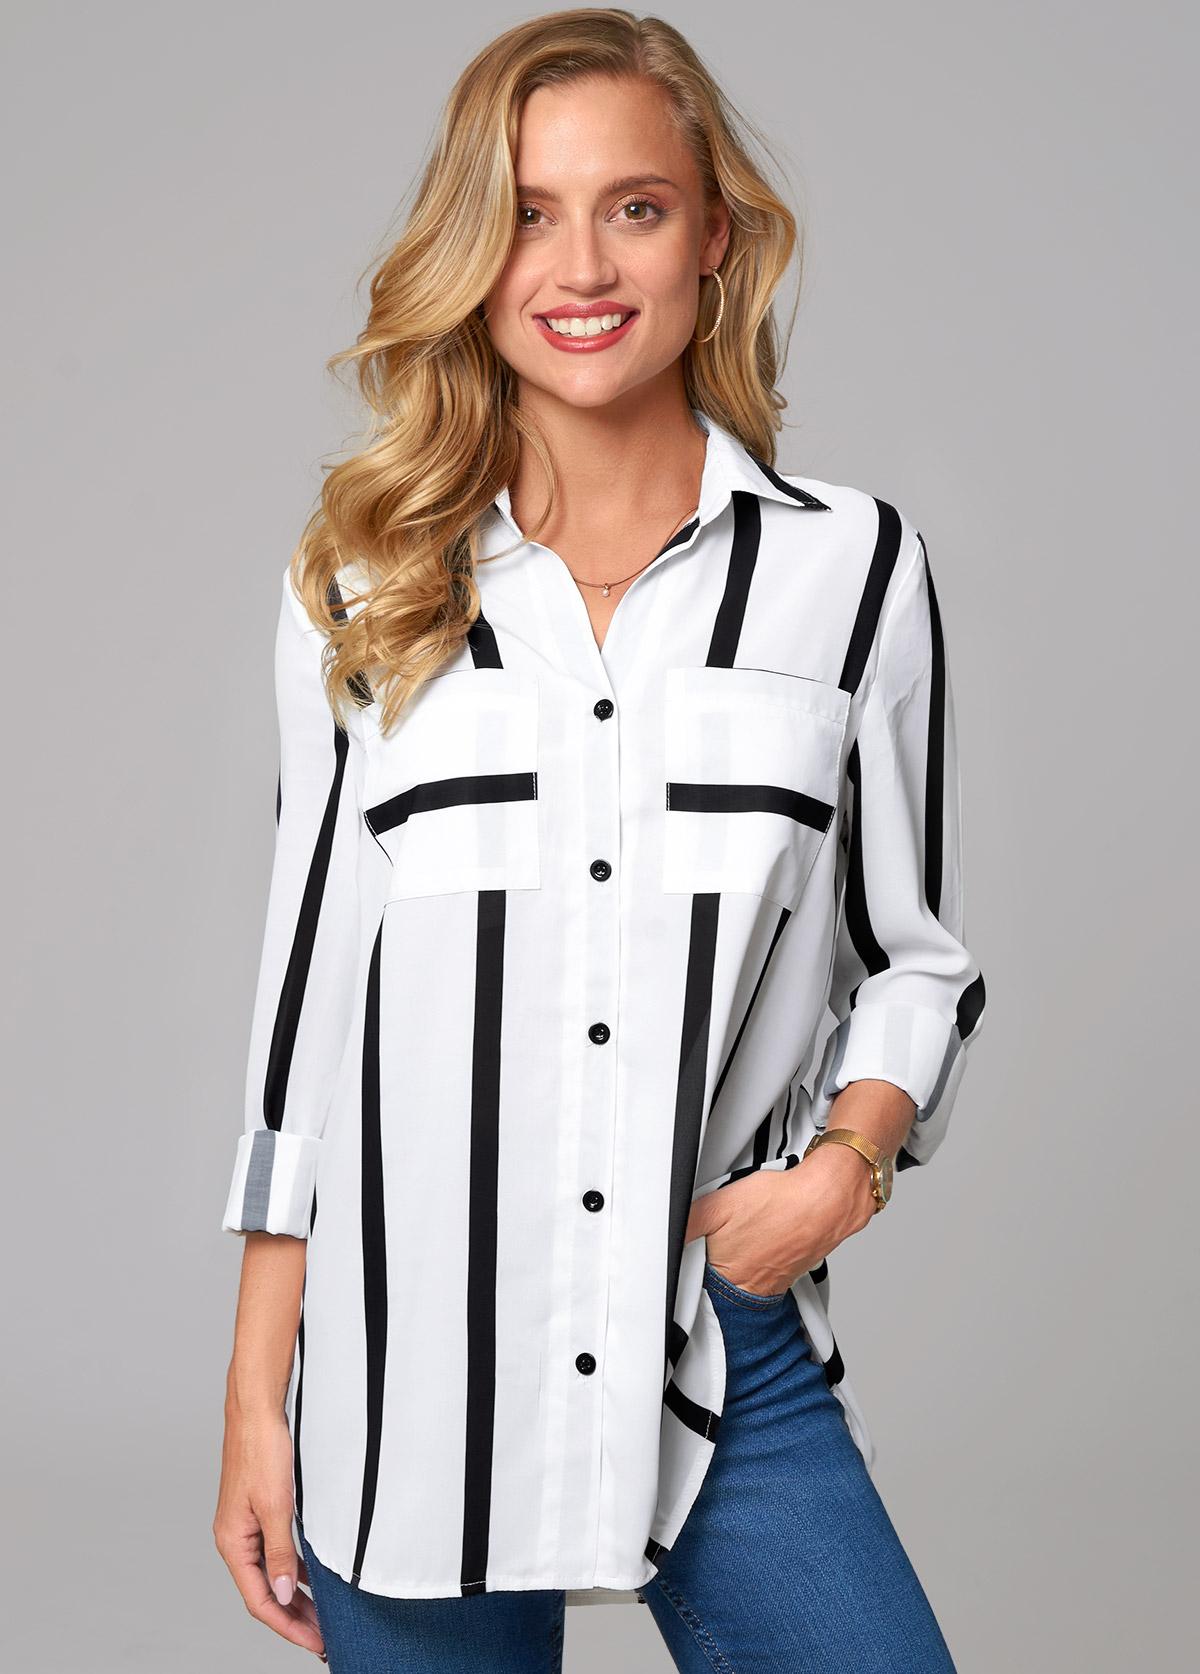 ROTITA Double Pocket Striped Turndown Collar Blouse